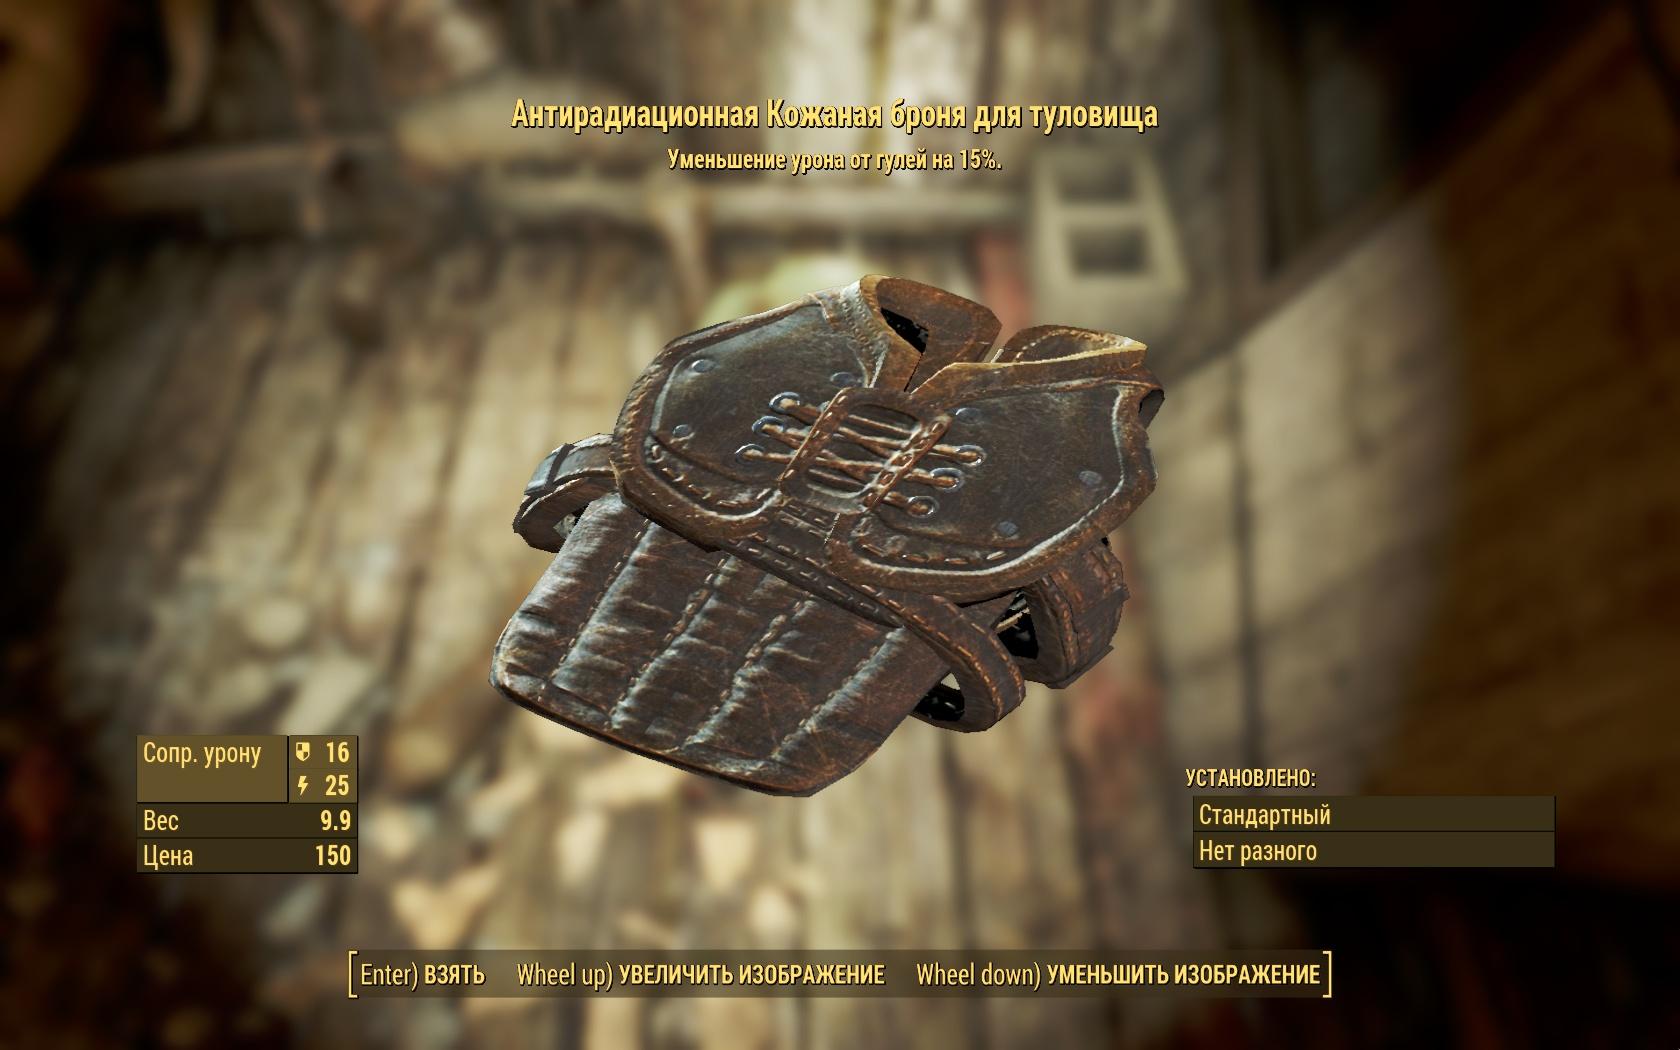 Антирадиационная кожаная броня для туловища - Fallout 4 Антирадиационная, броня, кожаная, Одежда